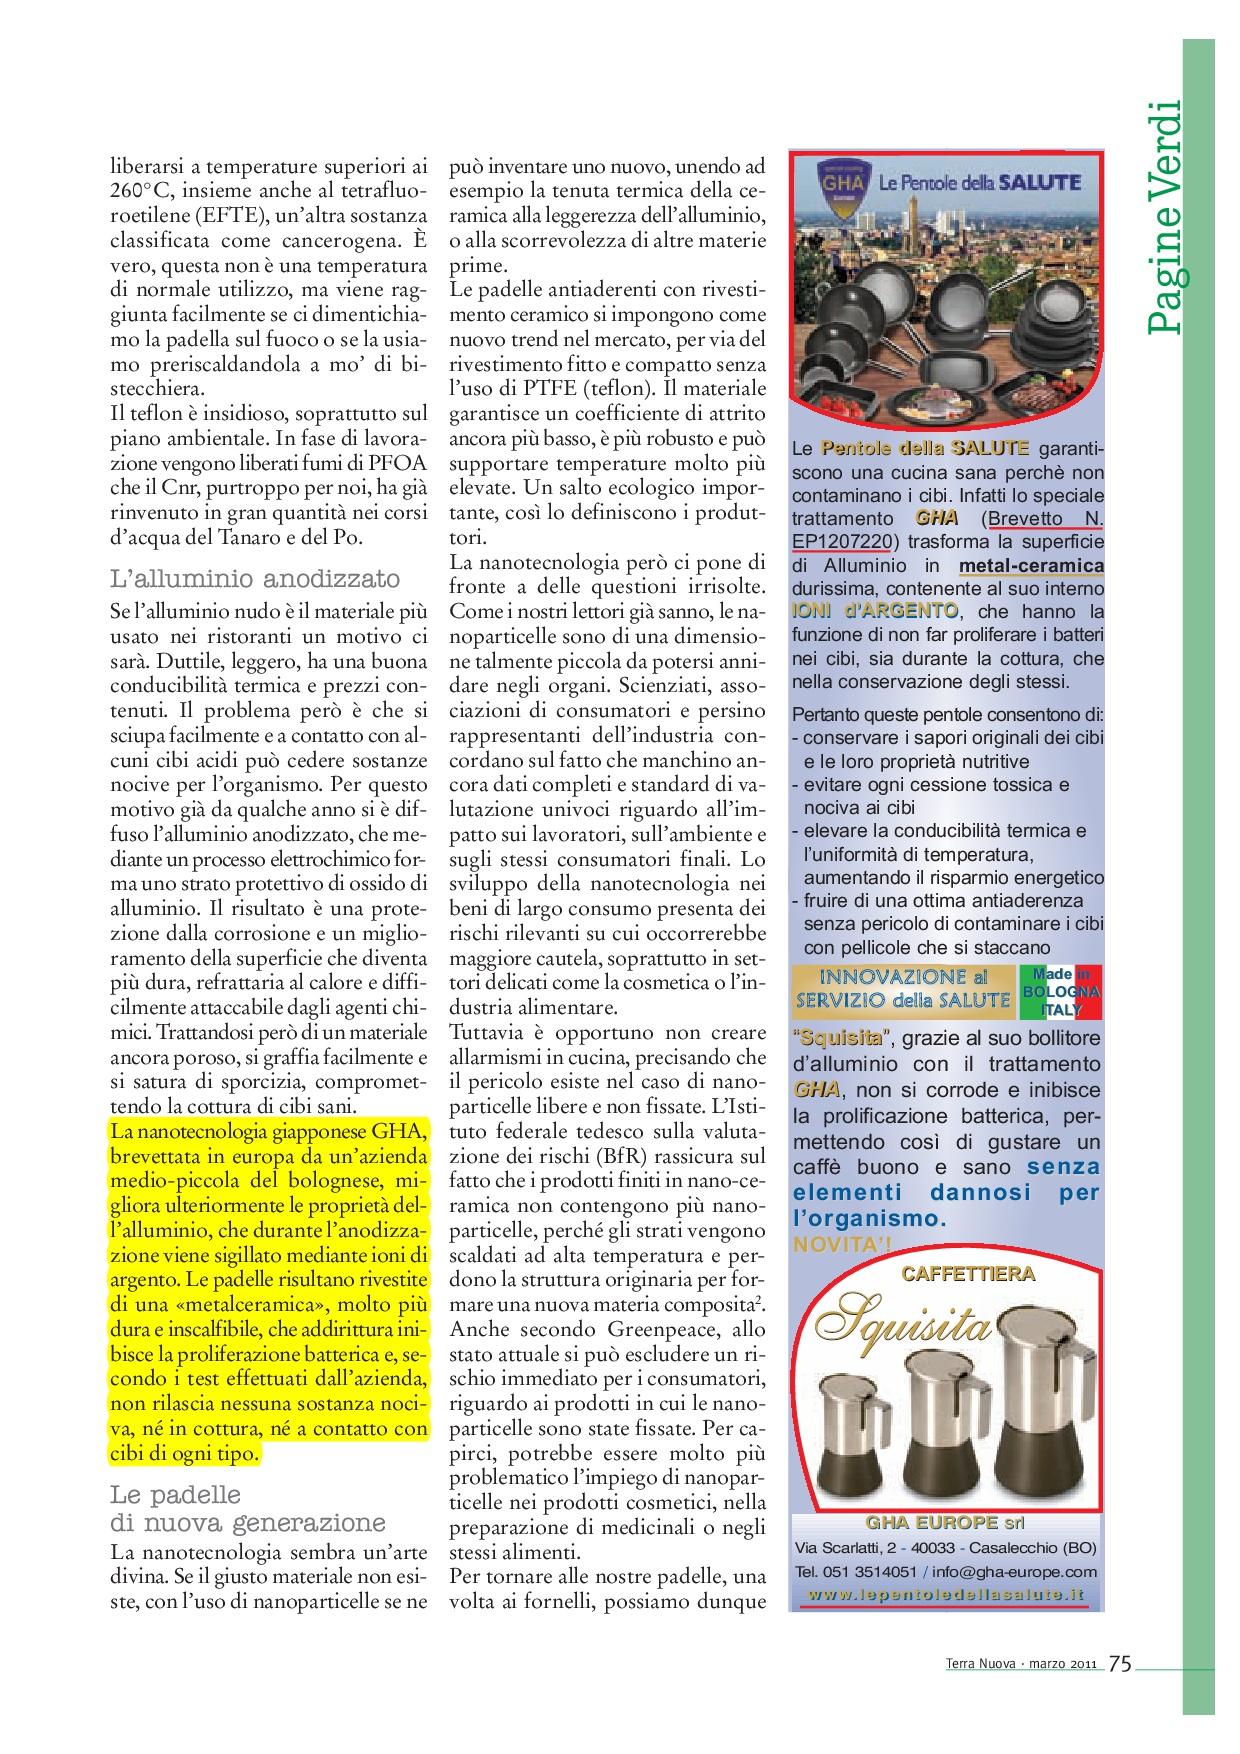 ARTICOLI-Articolo_Publ_AAM_TerraNuova_marzo2011